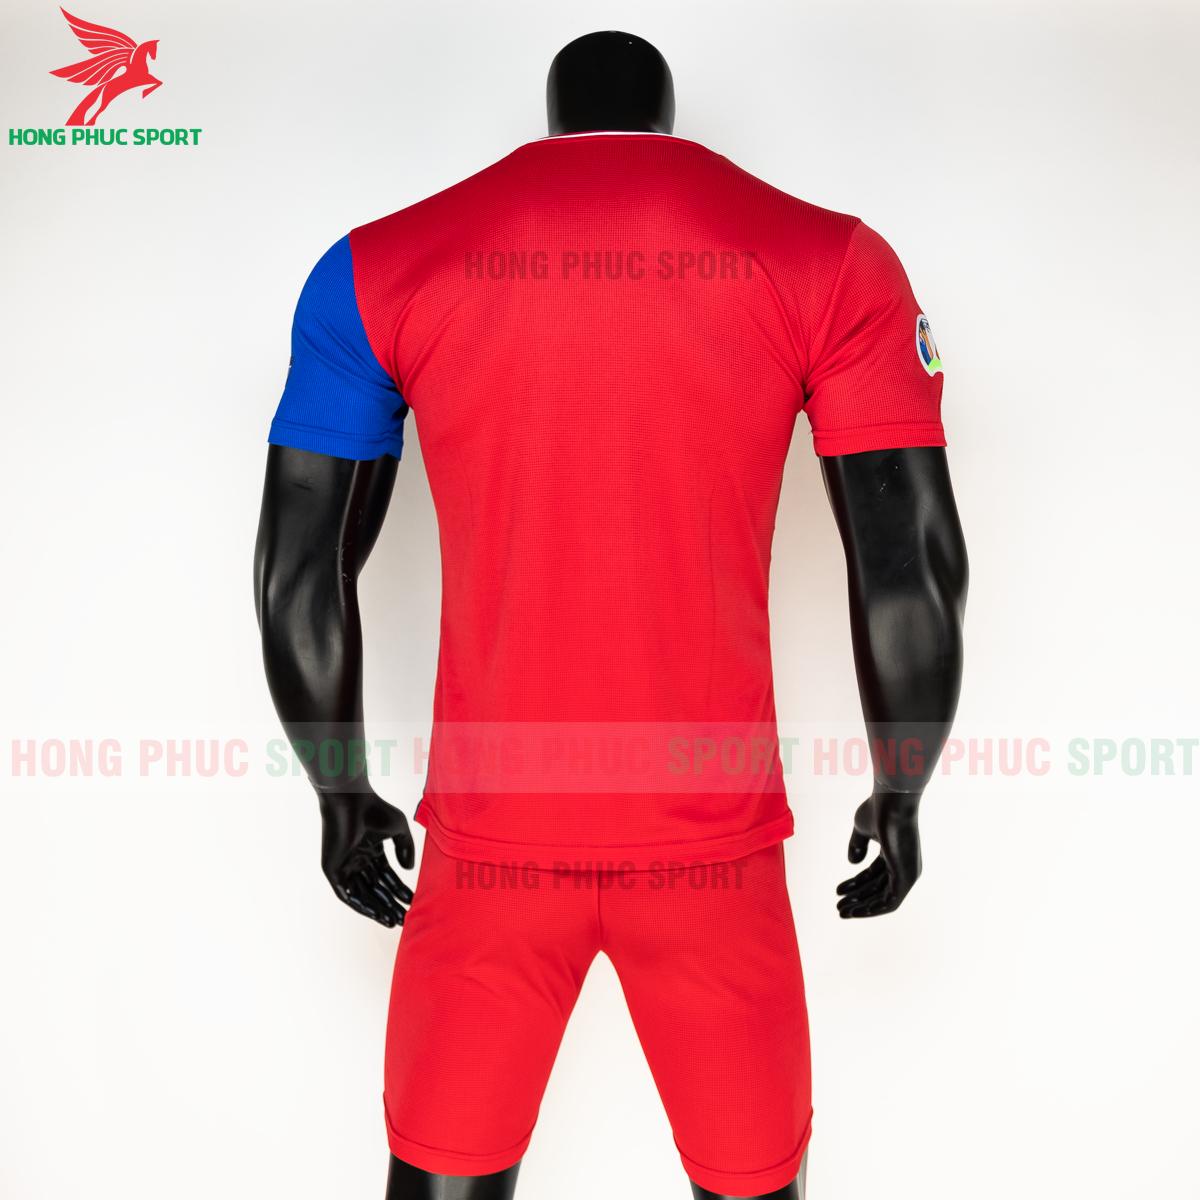 https://cdn.hongphucsport.com/unsafe/s4.shopbay.vn/files/285/ao-tuyen-tay-ban-nha-hang-det-phien-ban-fan-acrra-8-5fa101966bf54.png